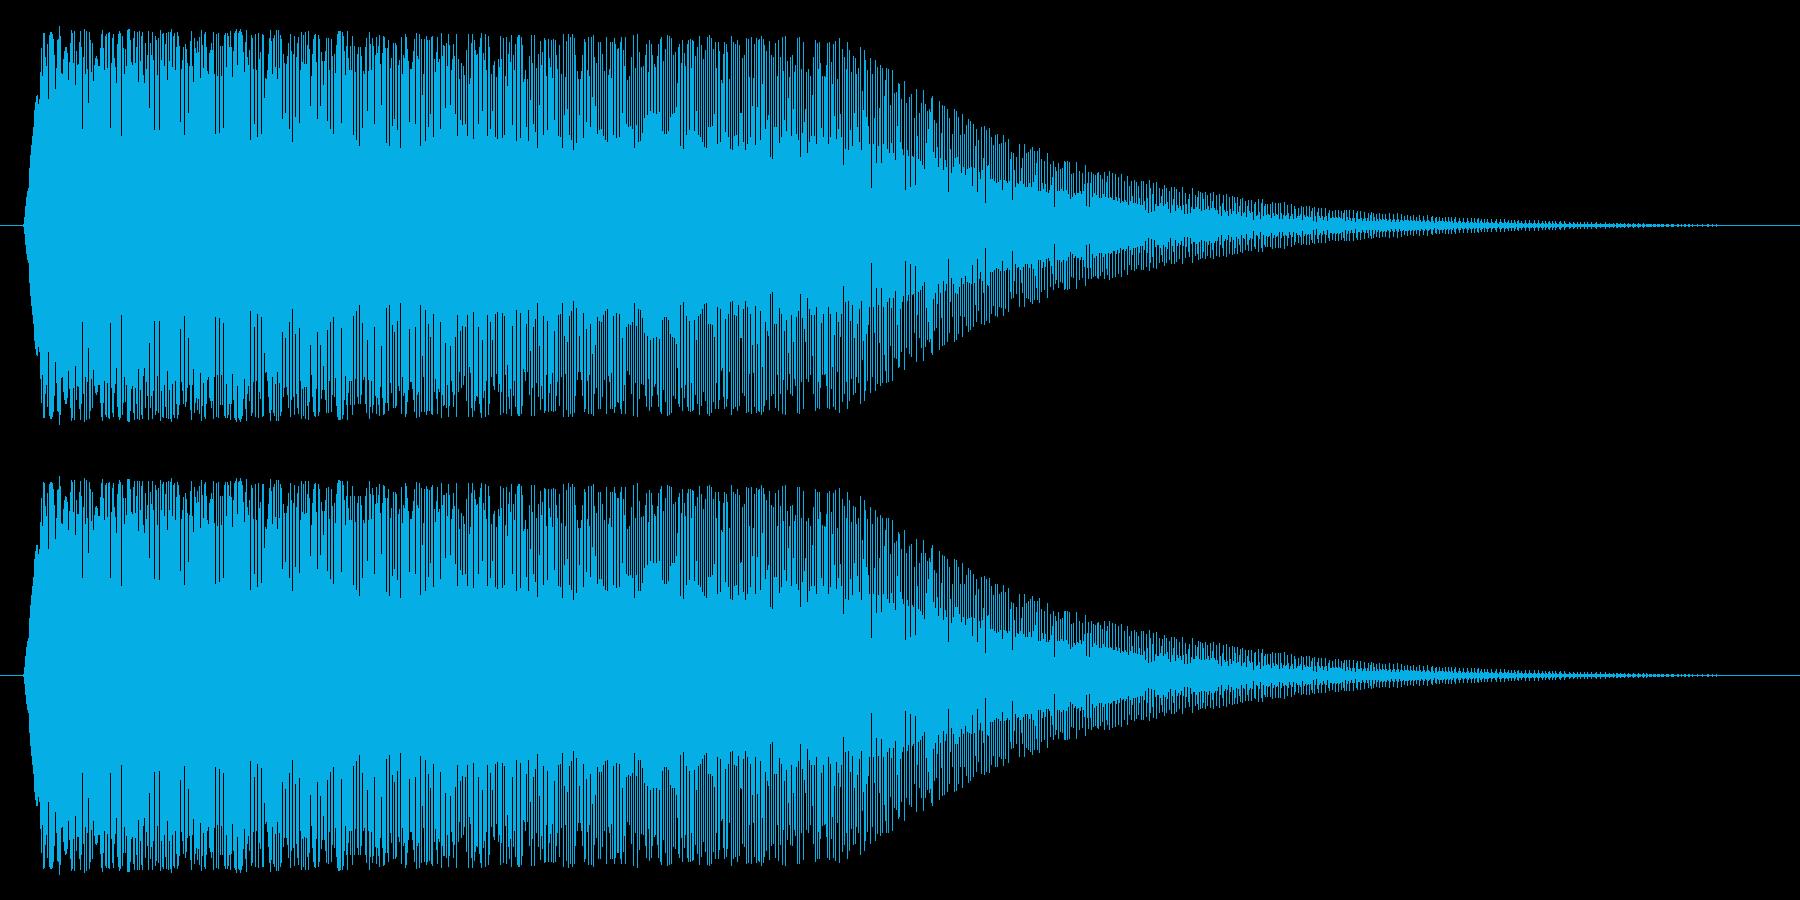 下降/パワーダウン/メーターの再生済みの波形